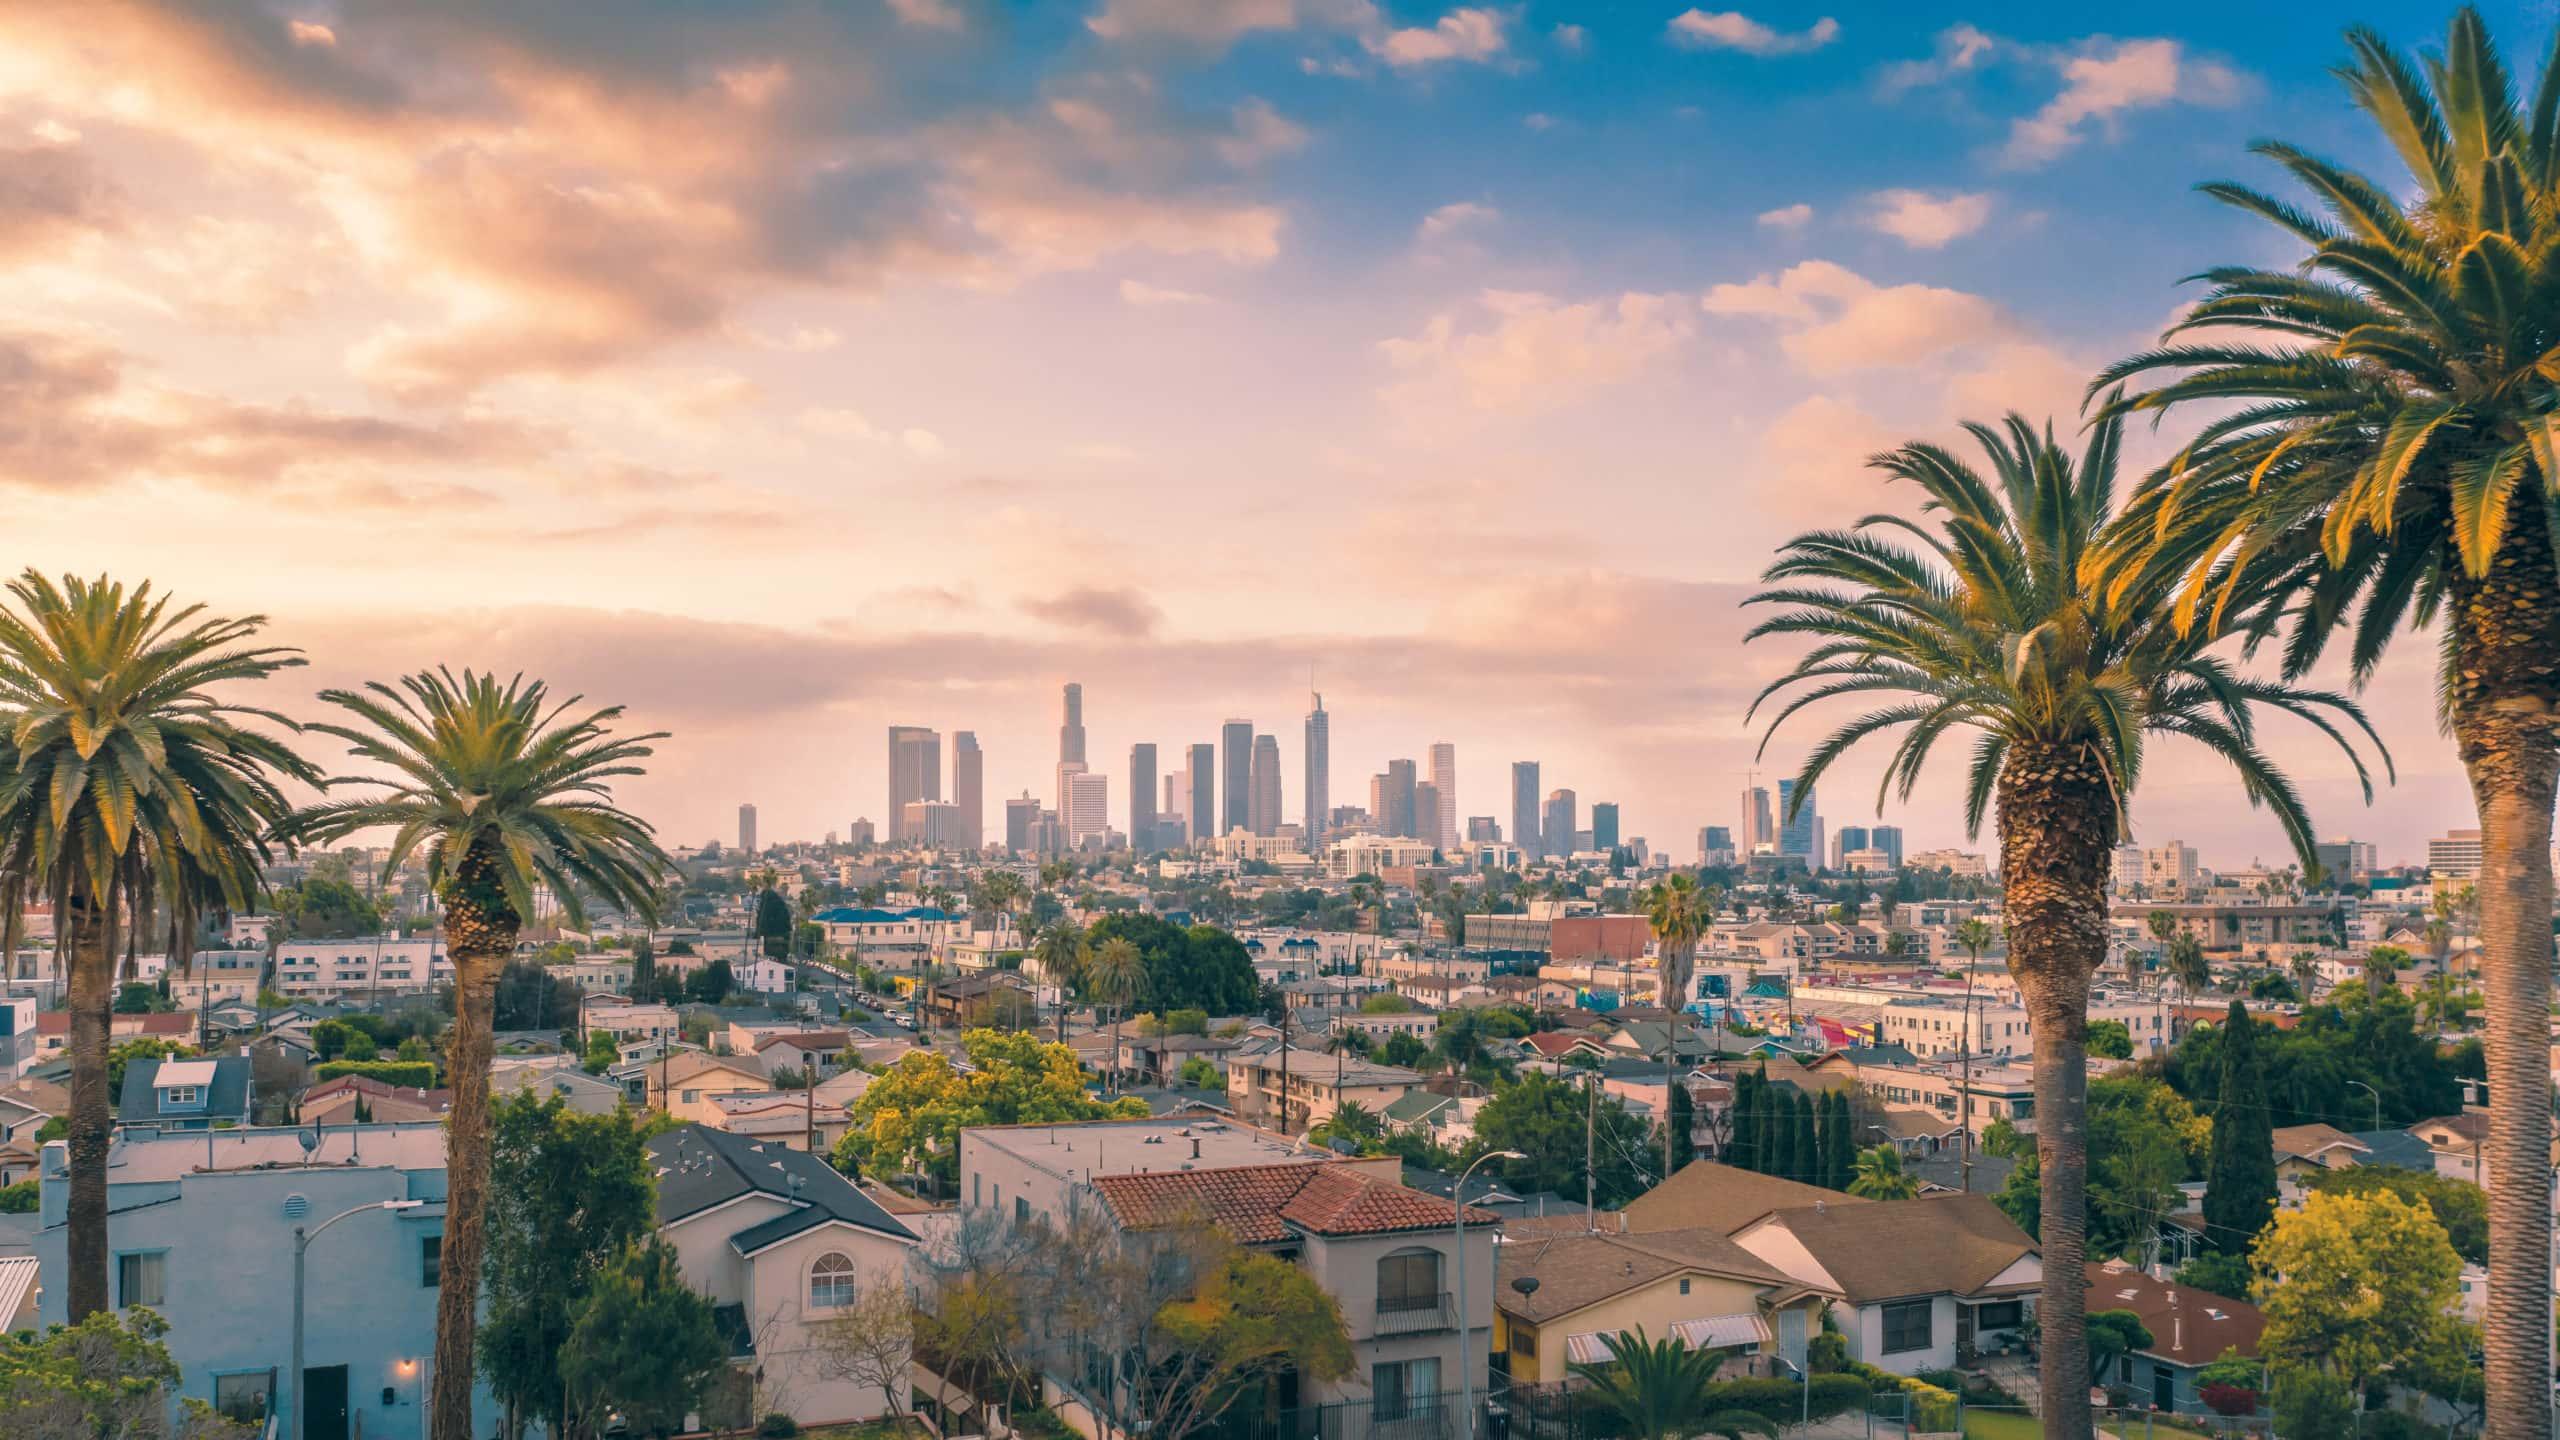 Los Angeles Editorial